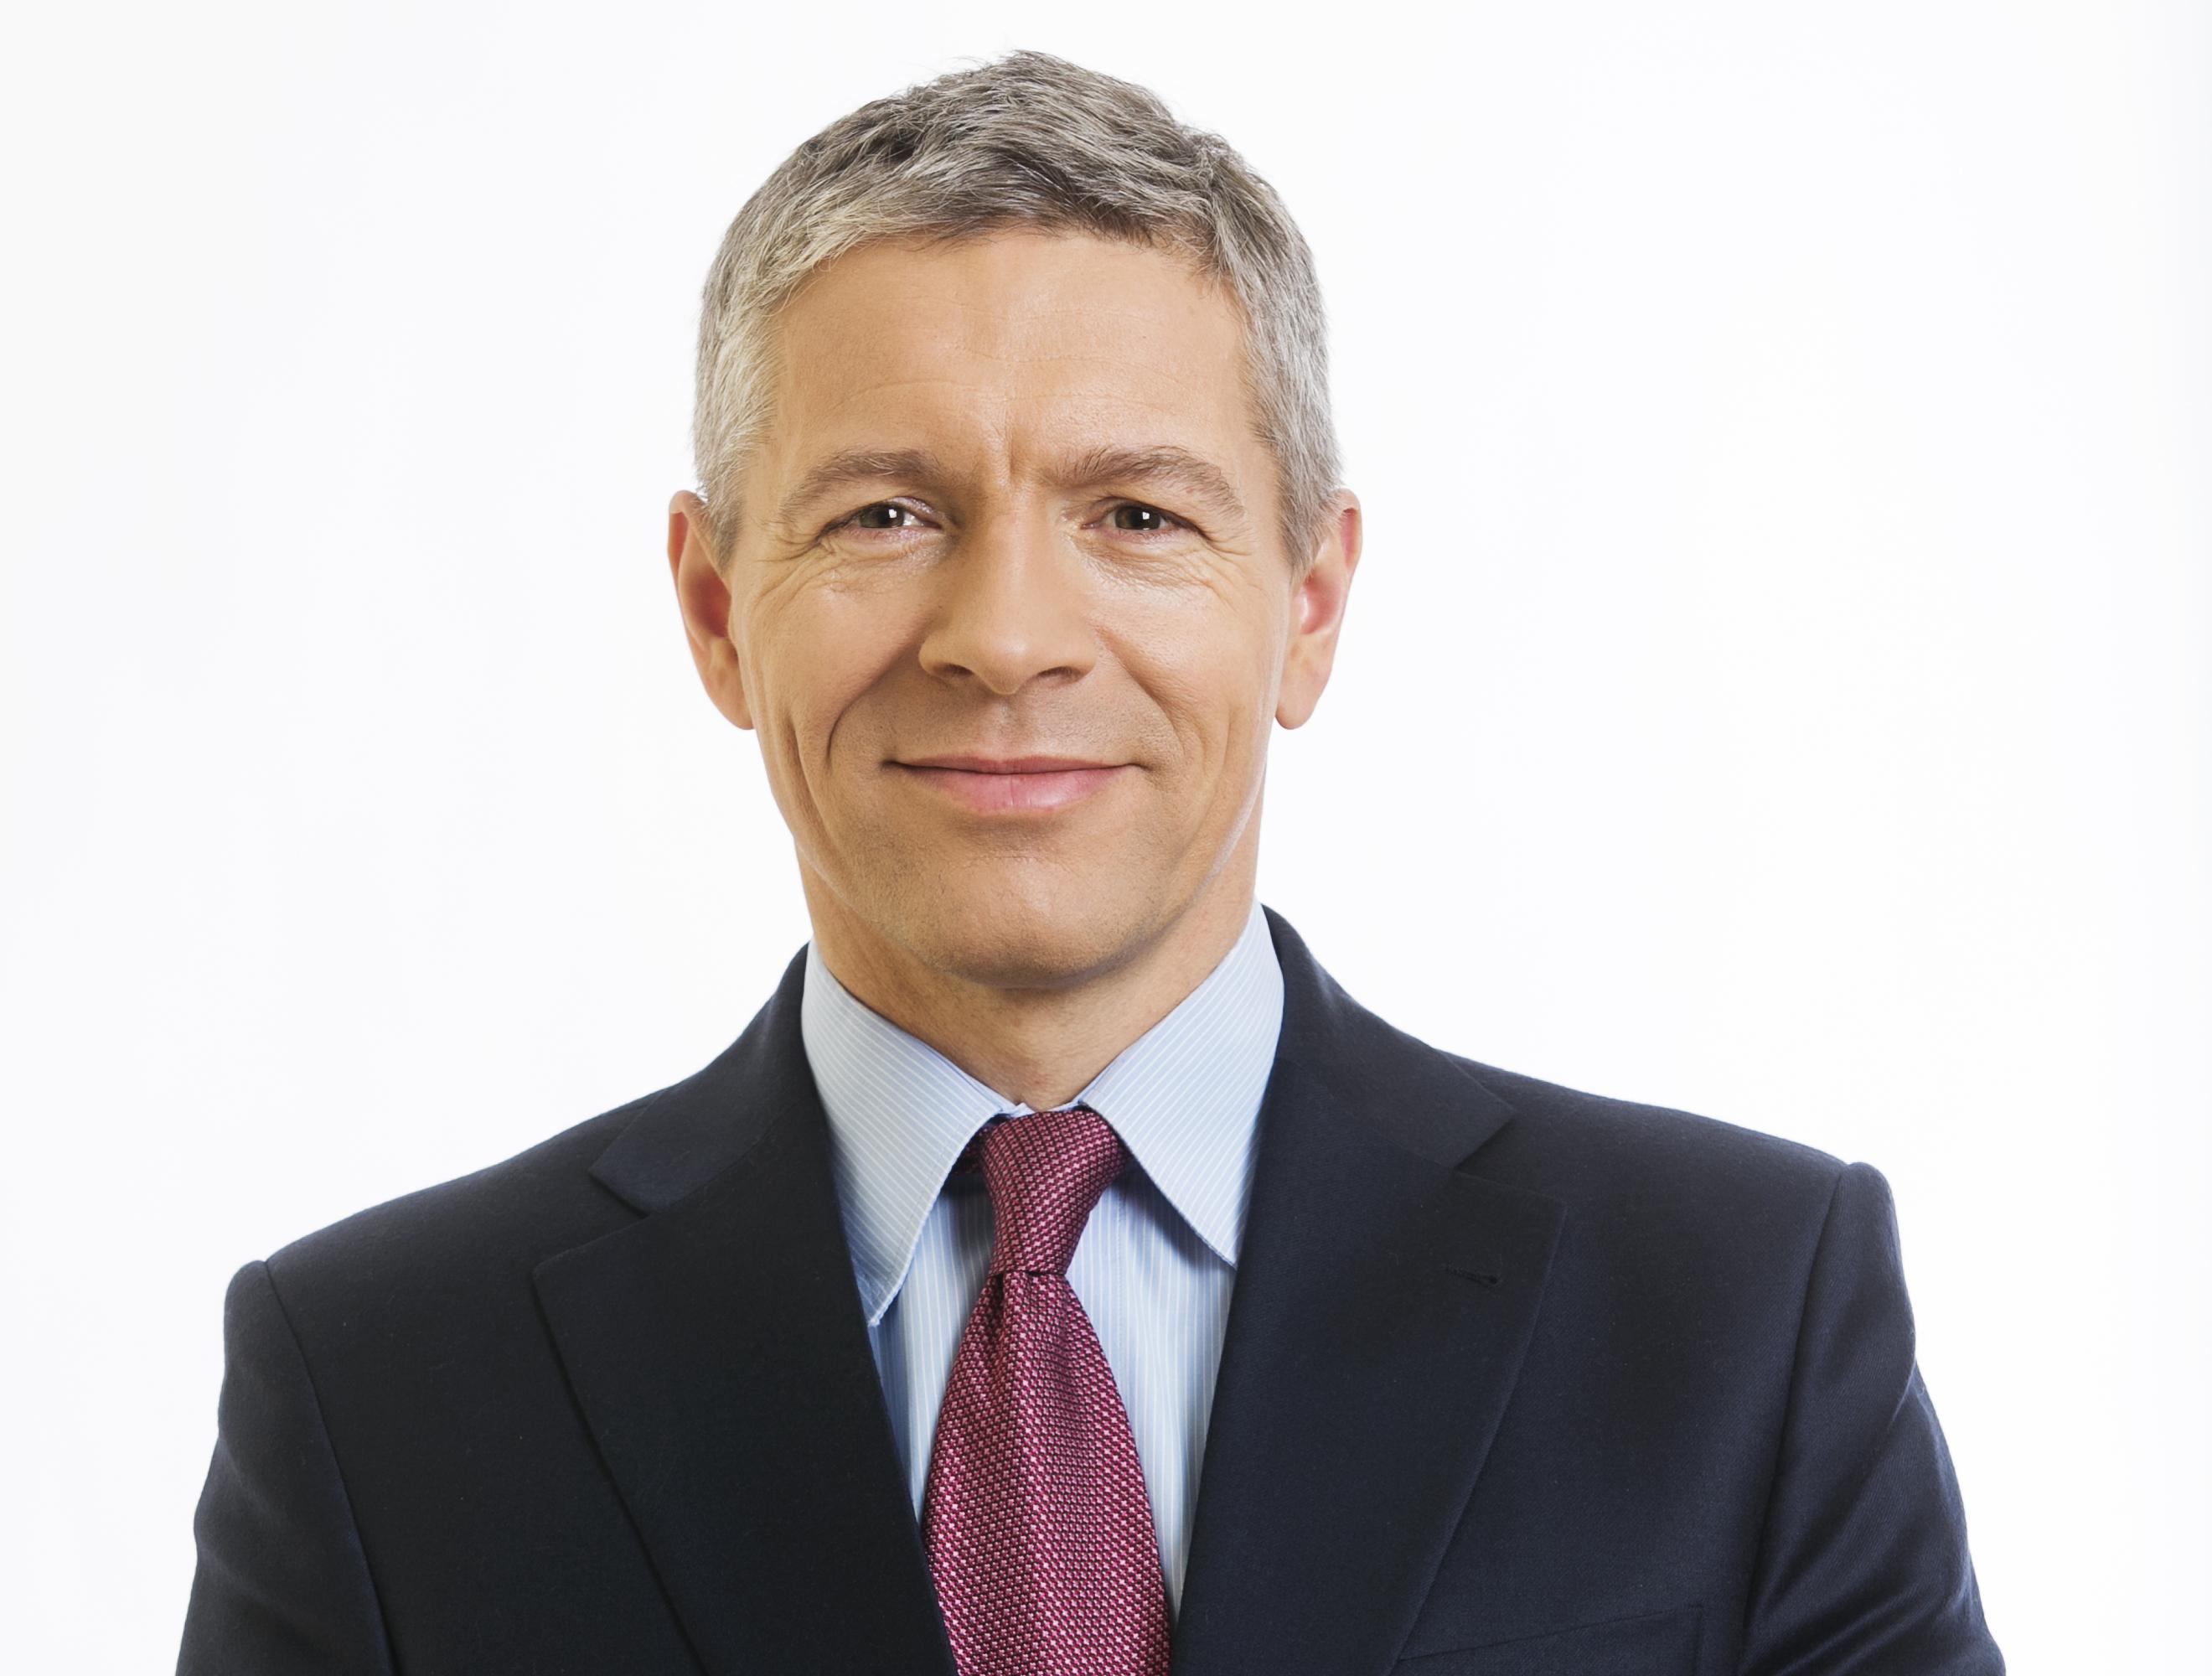 Wywiad z Panem Piotrem Narlochem, Prezesem zarządu InterRisk